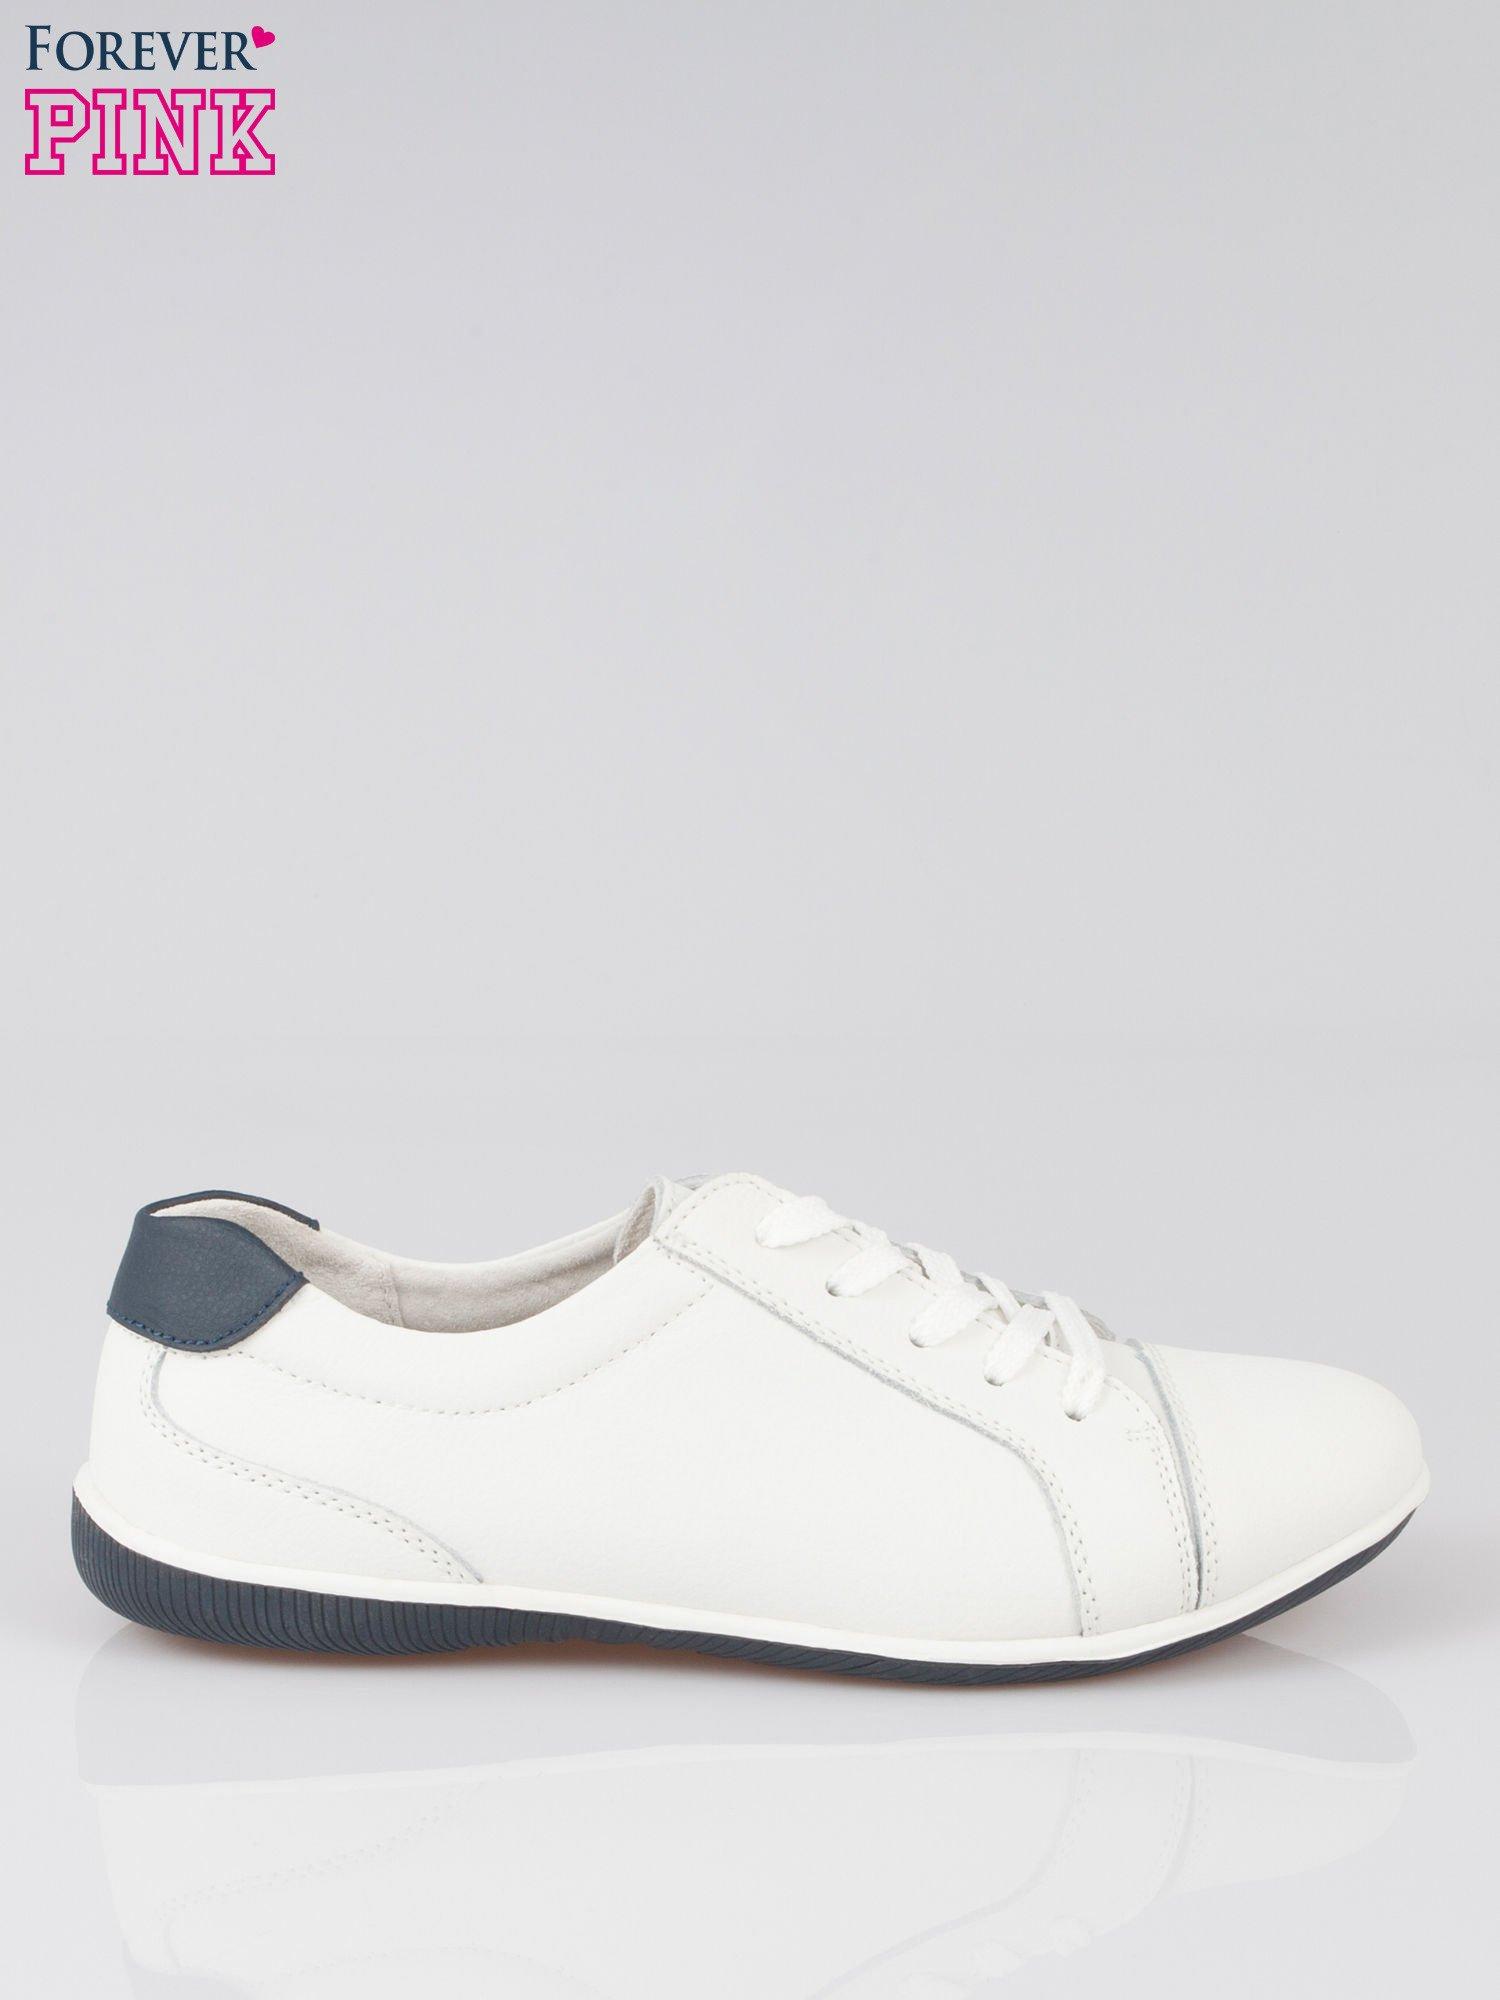 buty damskie biale z granatowa koncowka